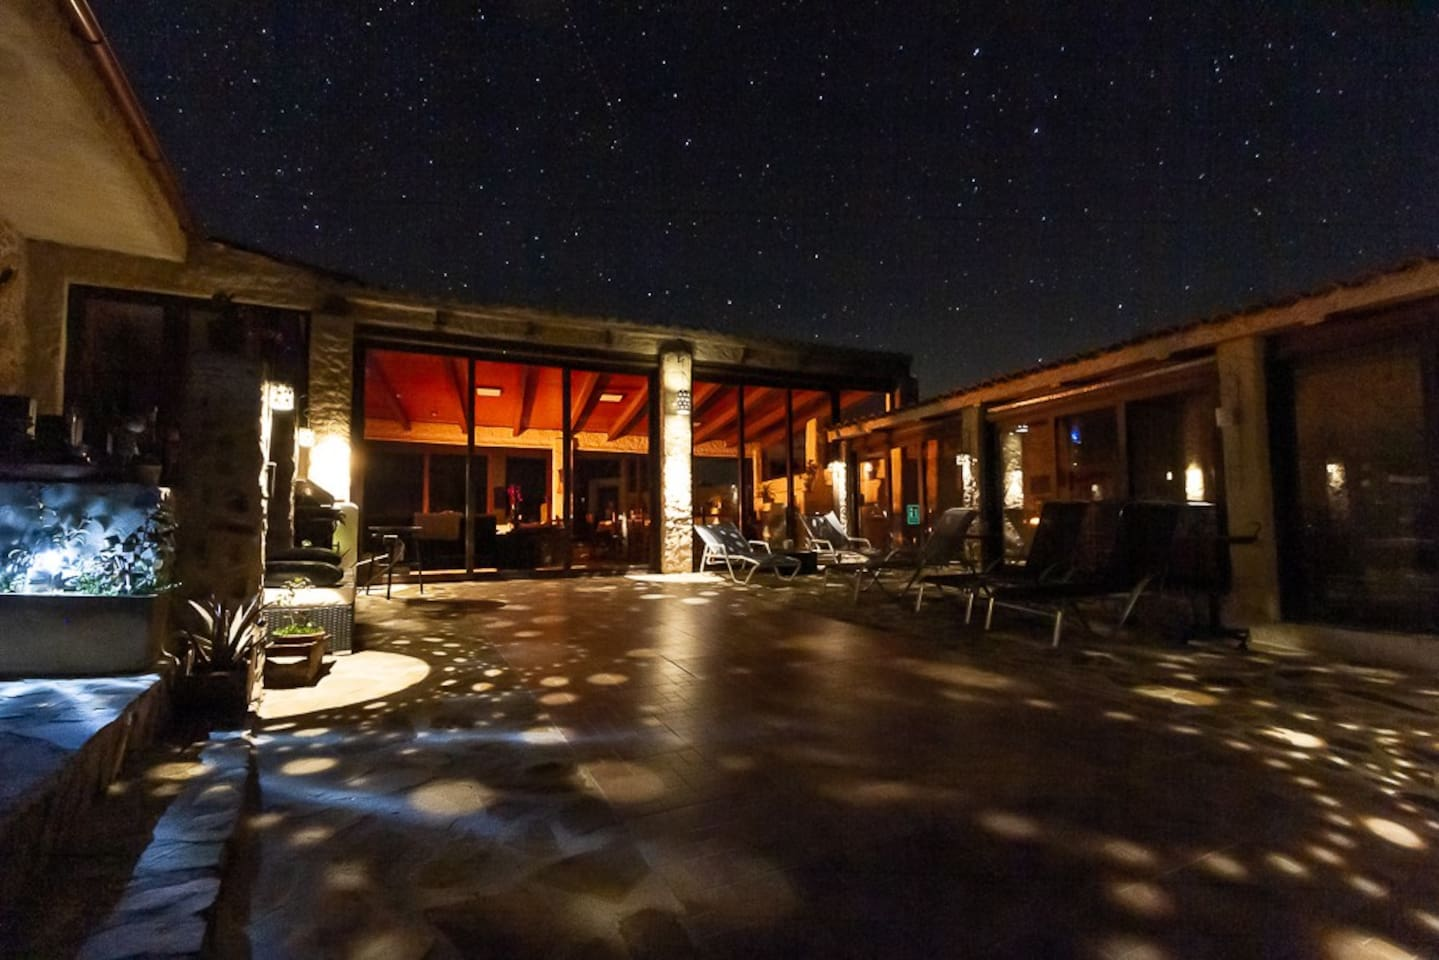 La noche es la protagonista de nuestro alojamiento astronómico. Somos guias starlight, puedes traer tu telescópio o cámara. Te ayudamos a encotrar  objetos  del catálogo Messier.  Tu pon las ganas nosotros  los medios.